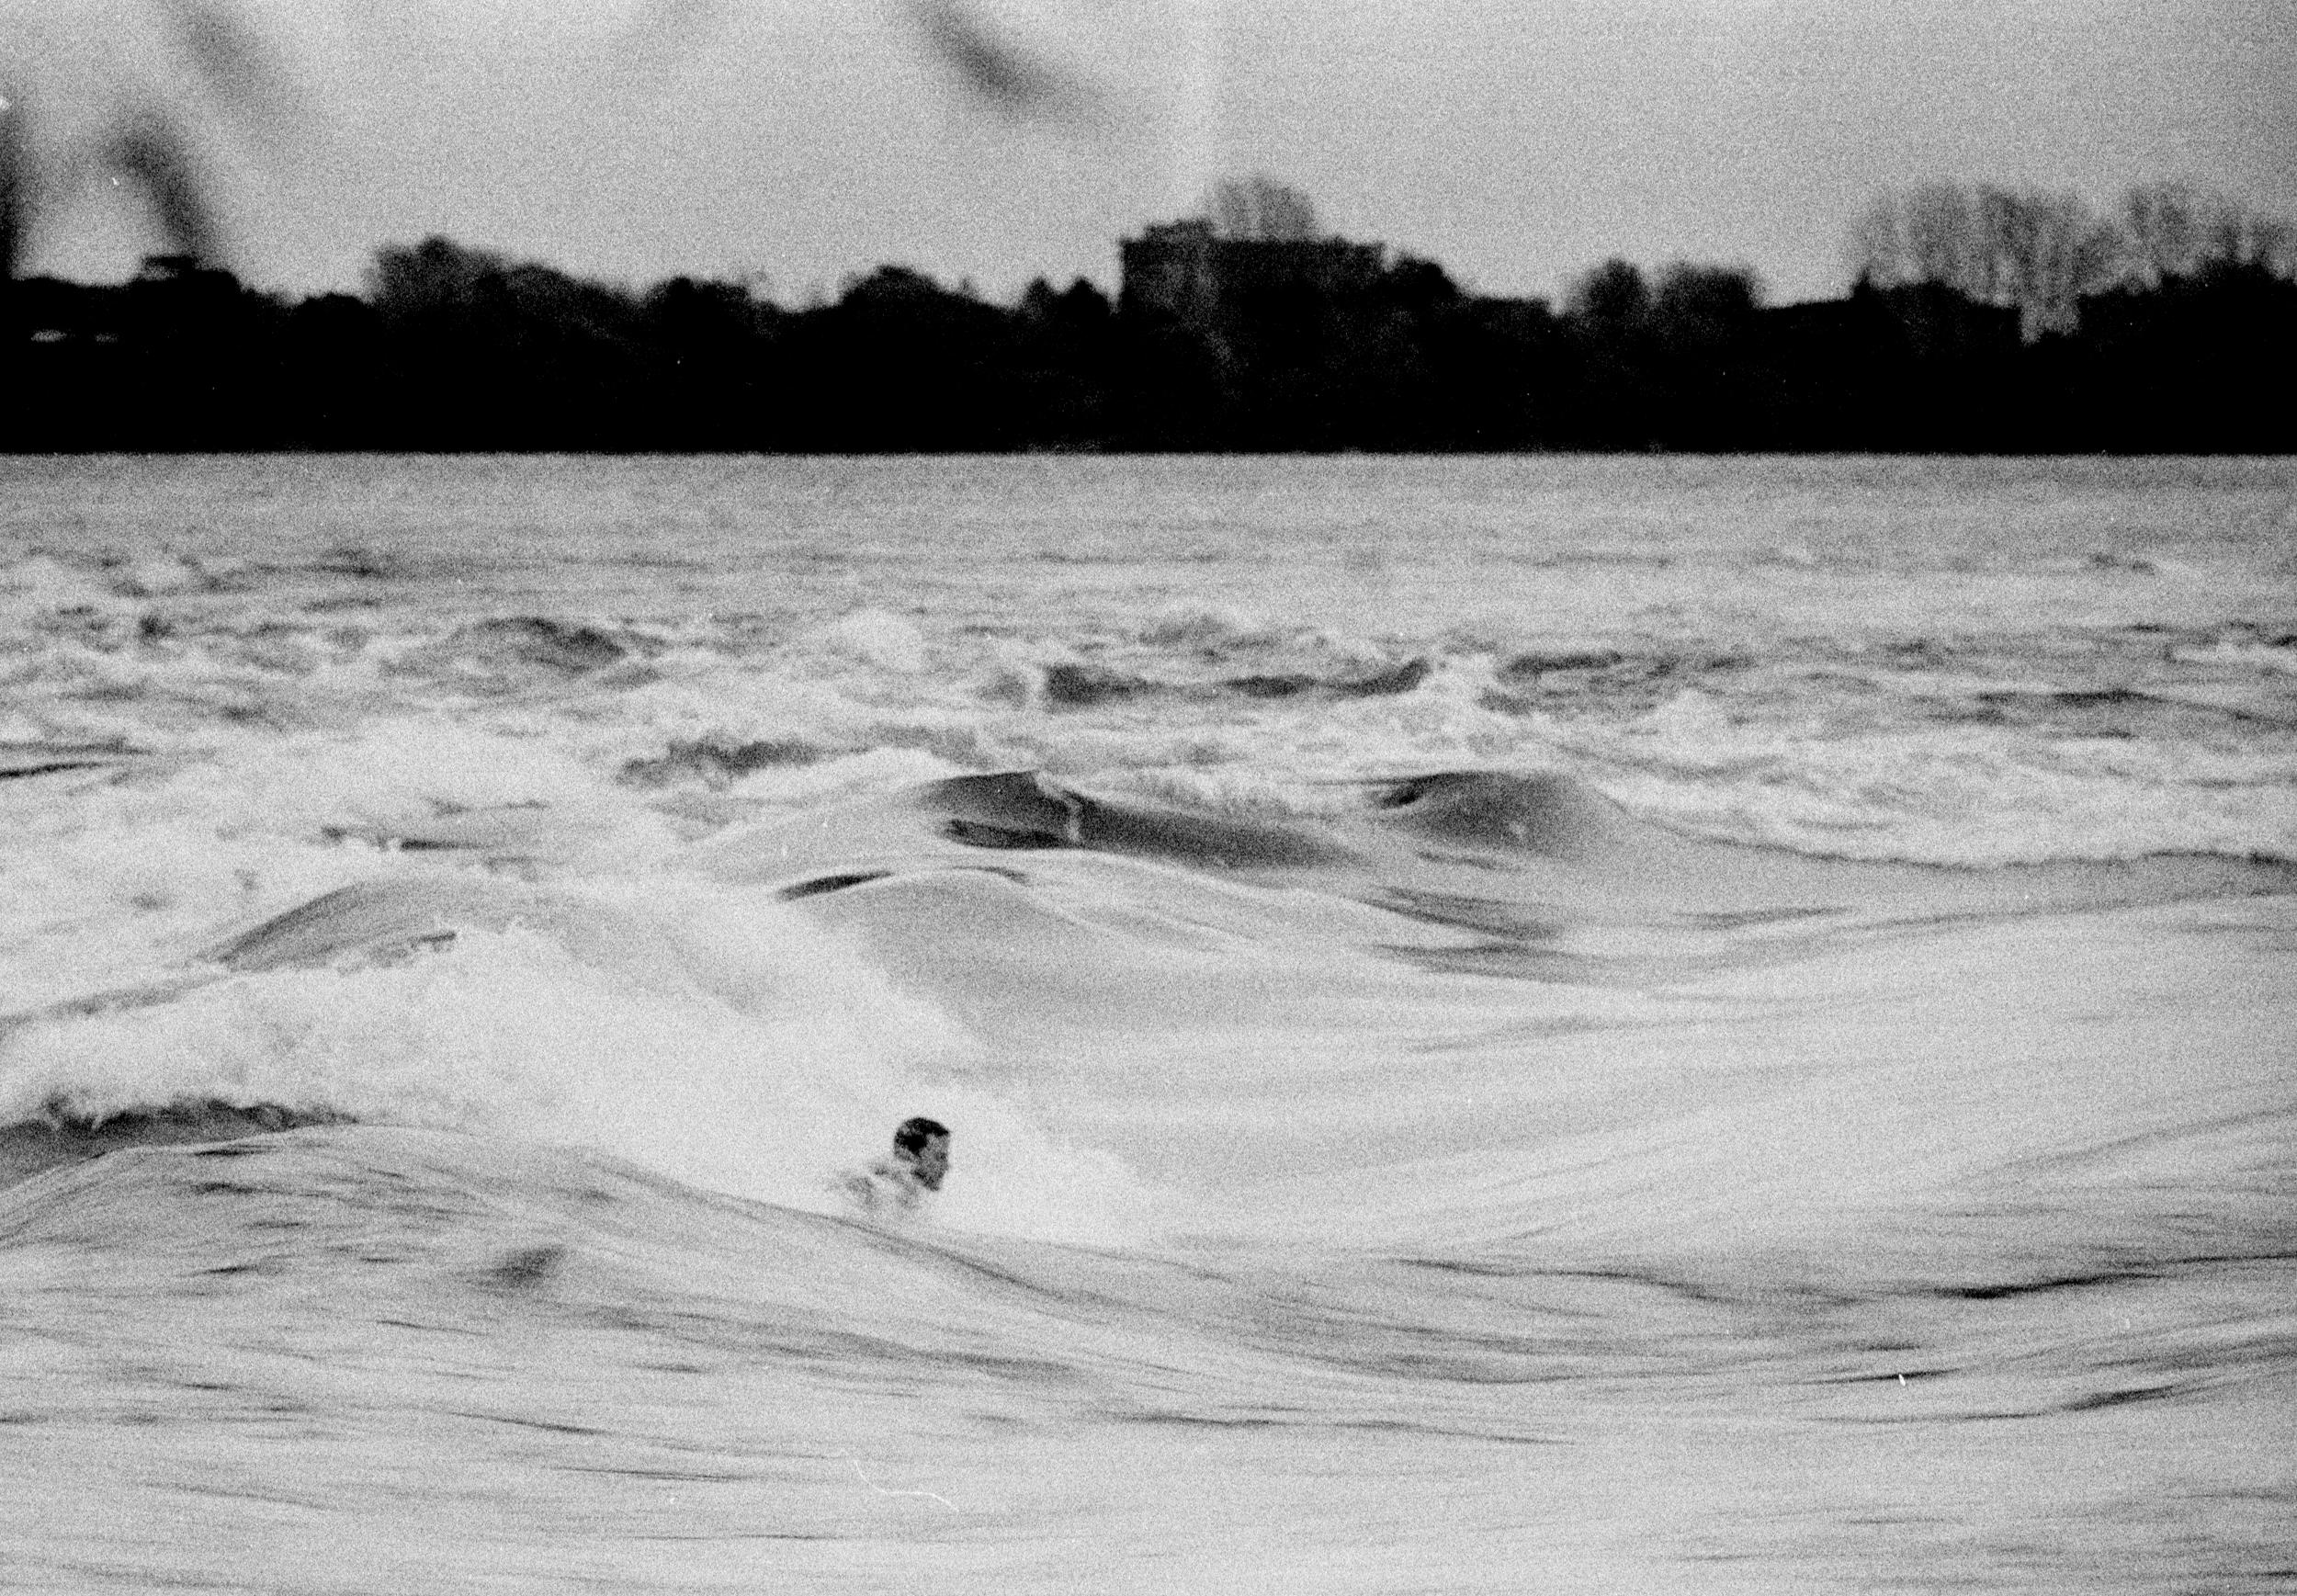 surfing_oct-10.jpg